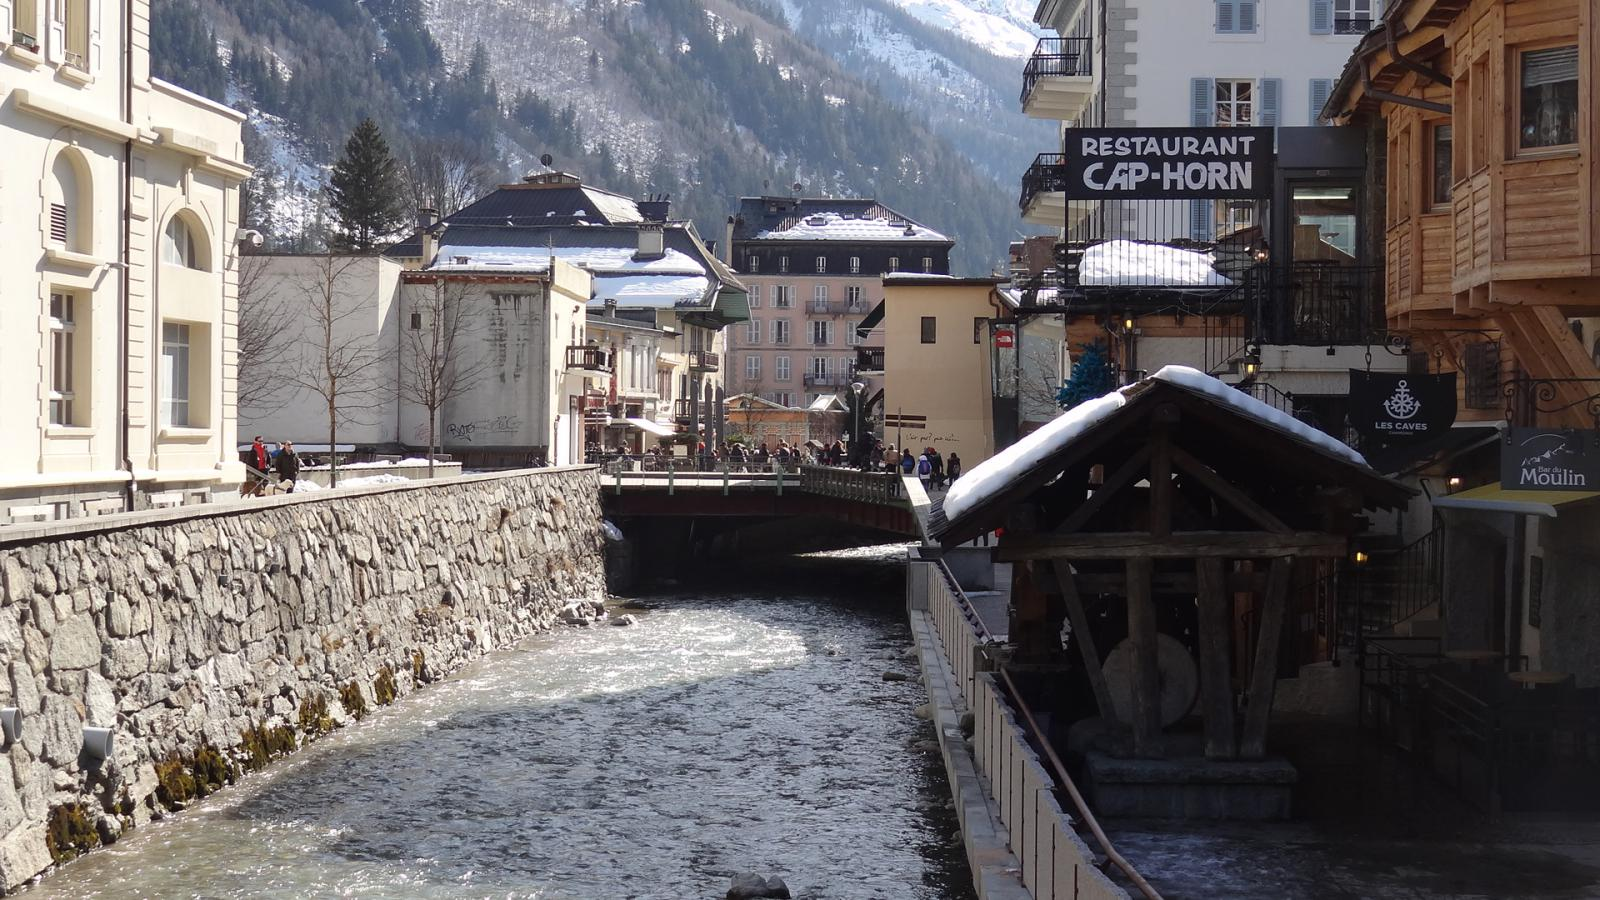 bar-du-moulin-chamonix-mont-blanc-14283366530